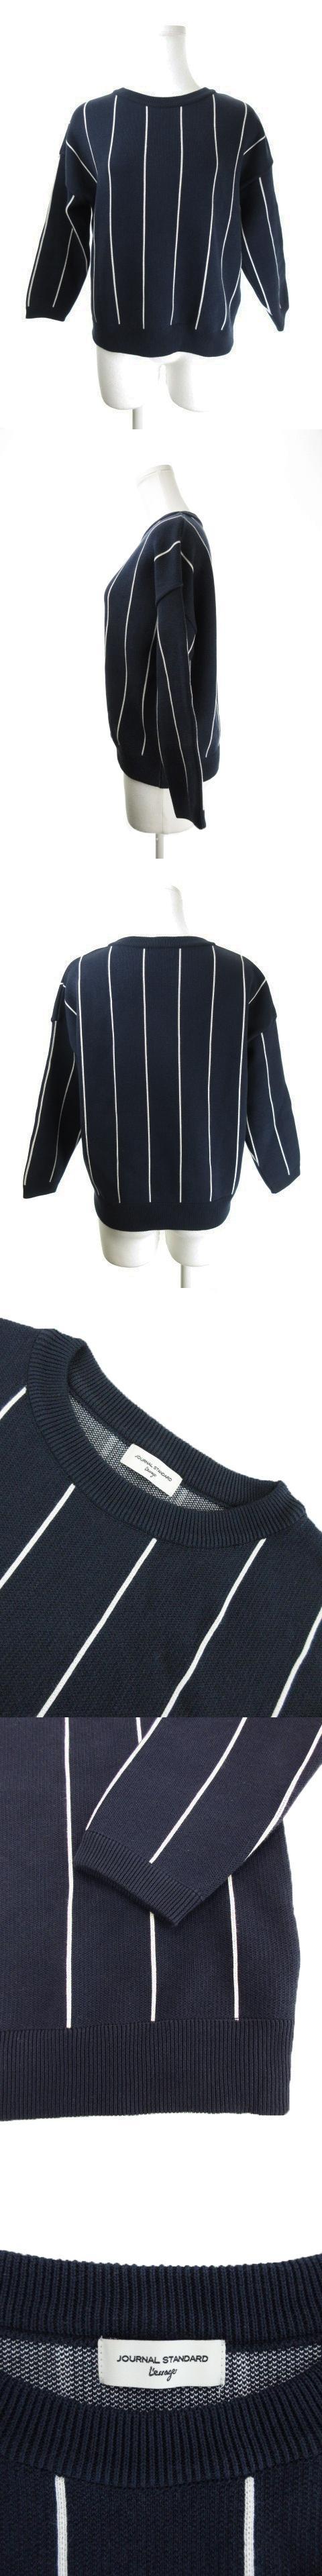 ニット セーター クルーネック 七分袖 ストライプ 紺 ネイビー /AO1